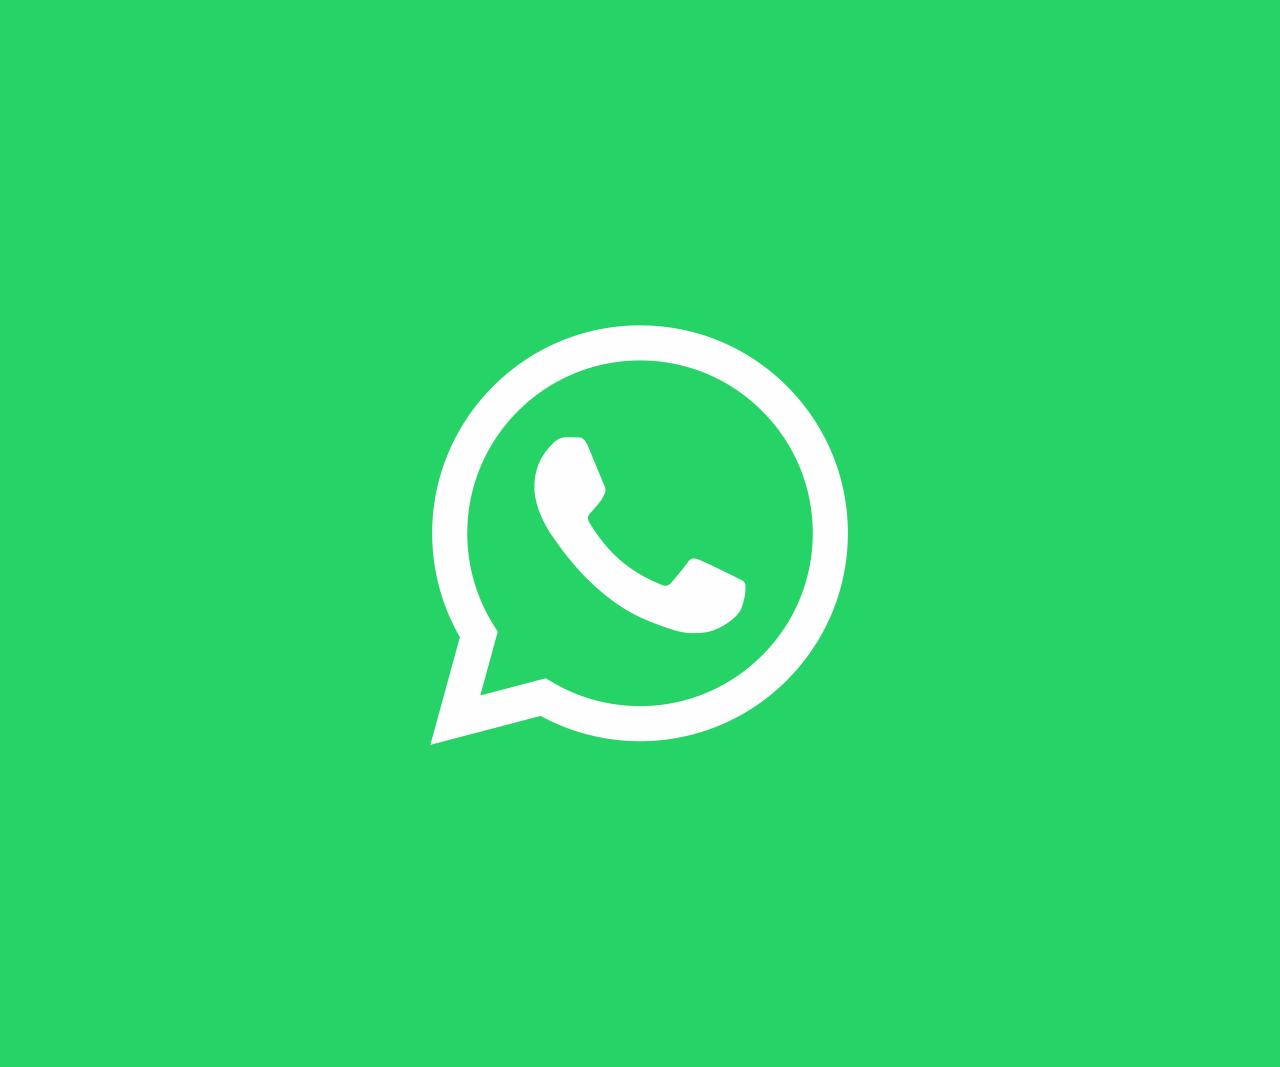 Archivo descargable con nuestra información de WhatsApp